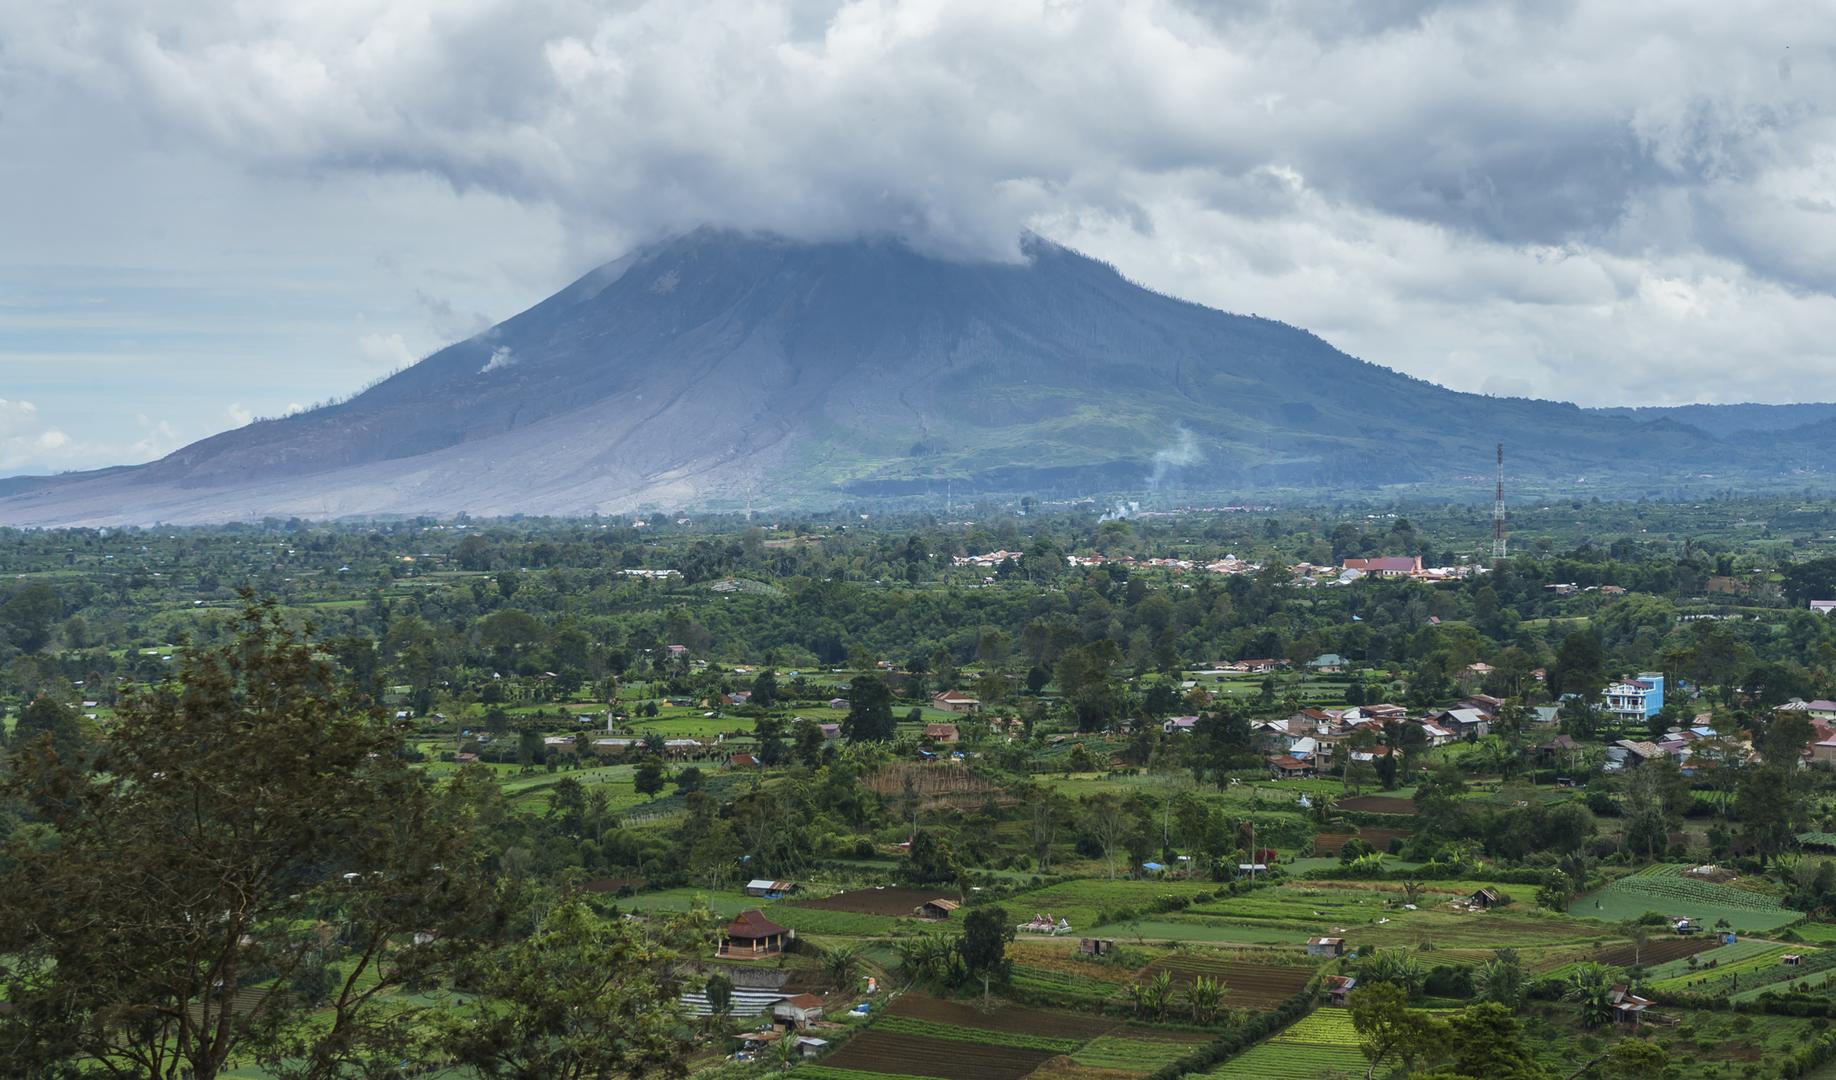 دراسة: ثوران بركان كبير قديم دمّر طبقة الأوزون وتسبب في اختناق البشر